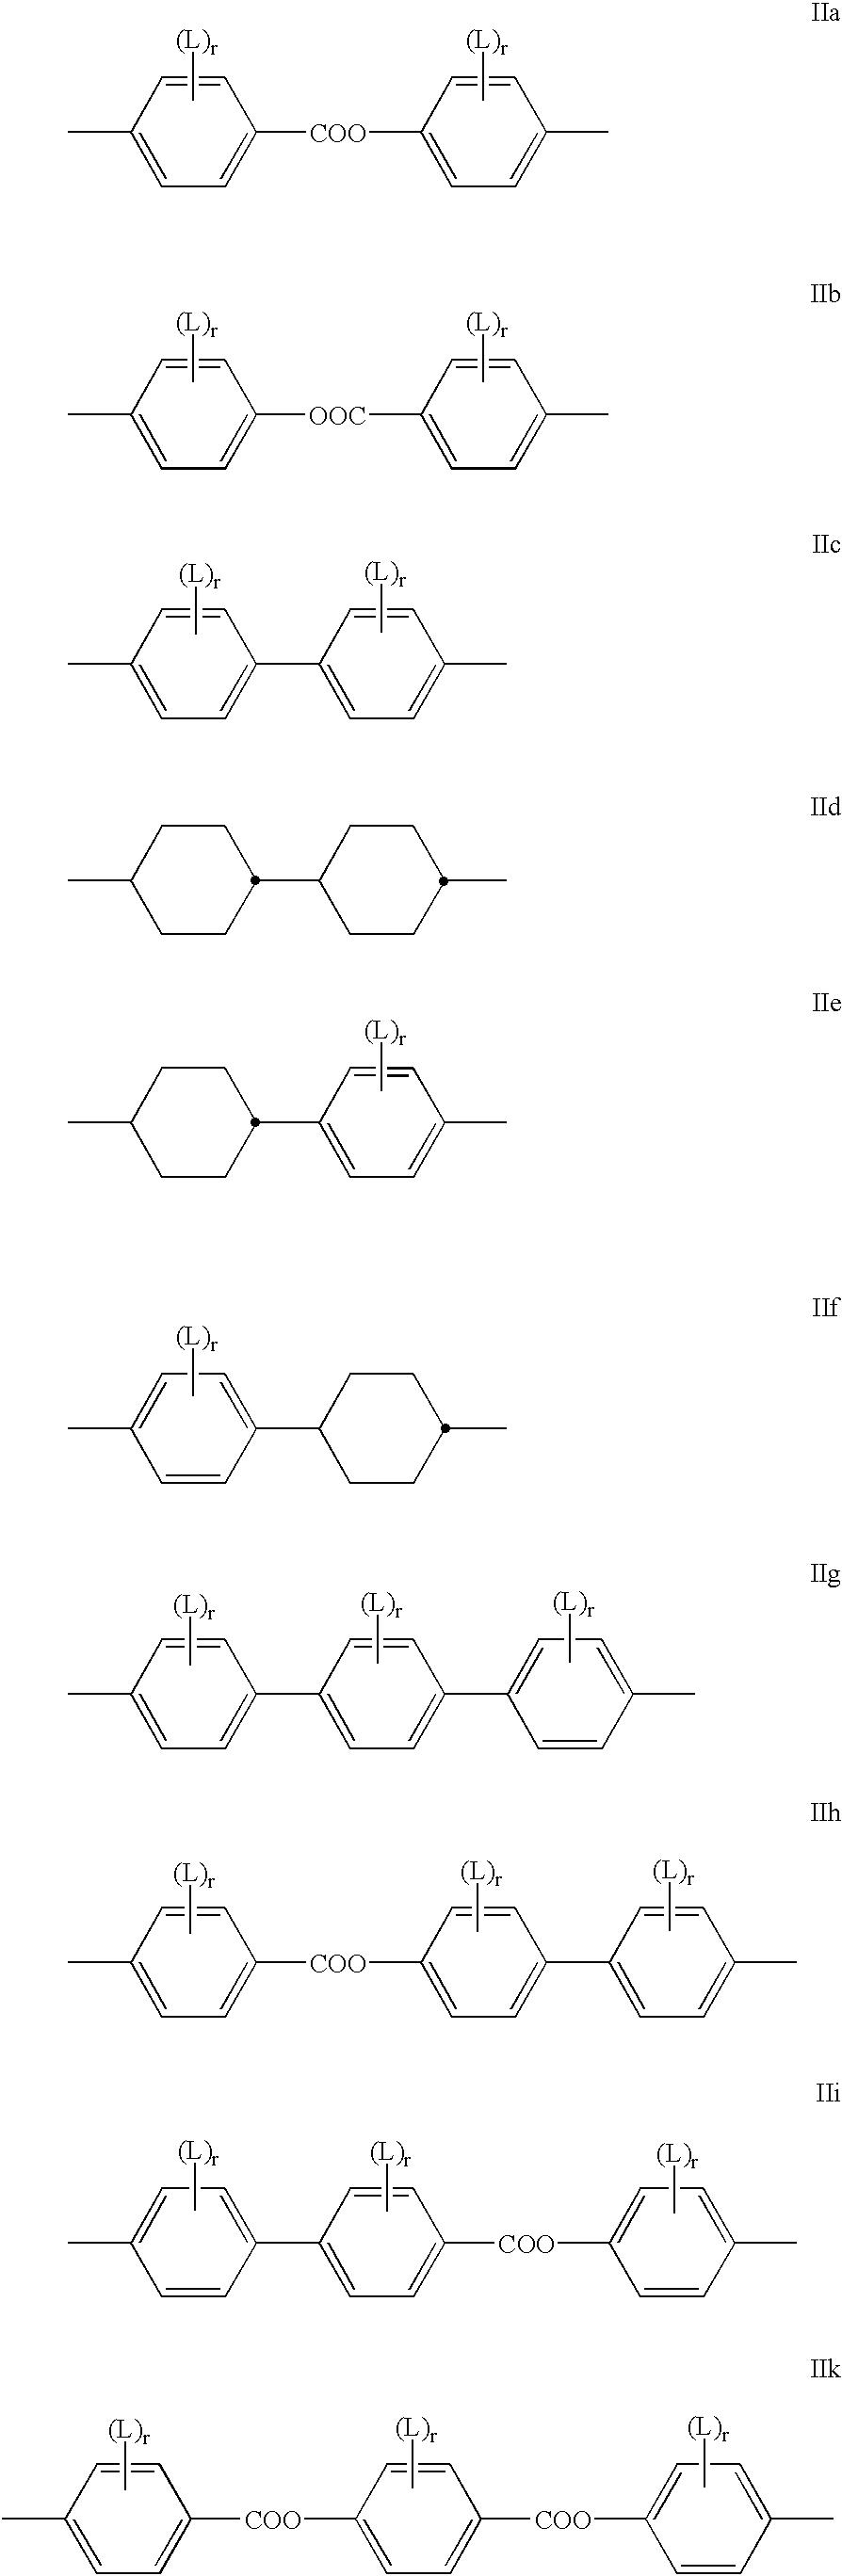 Figure US06544605-20030408-C00001